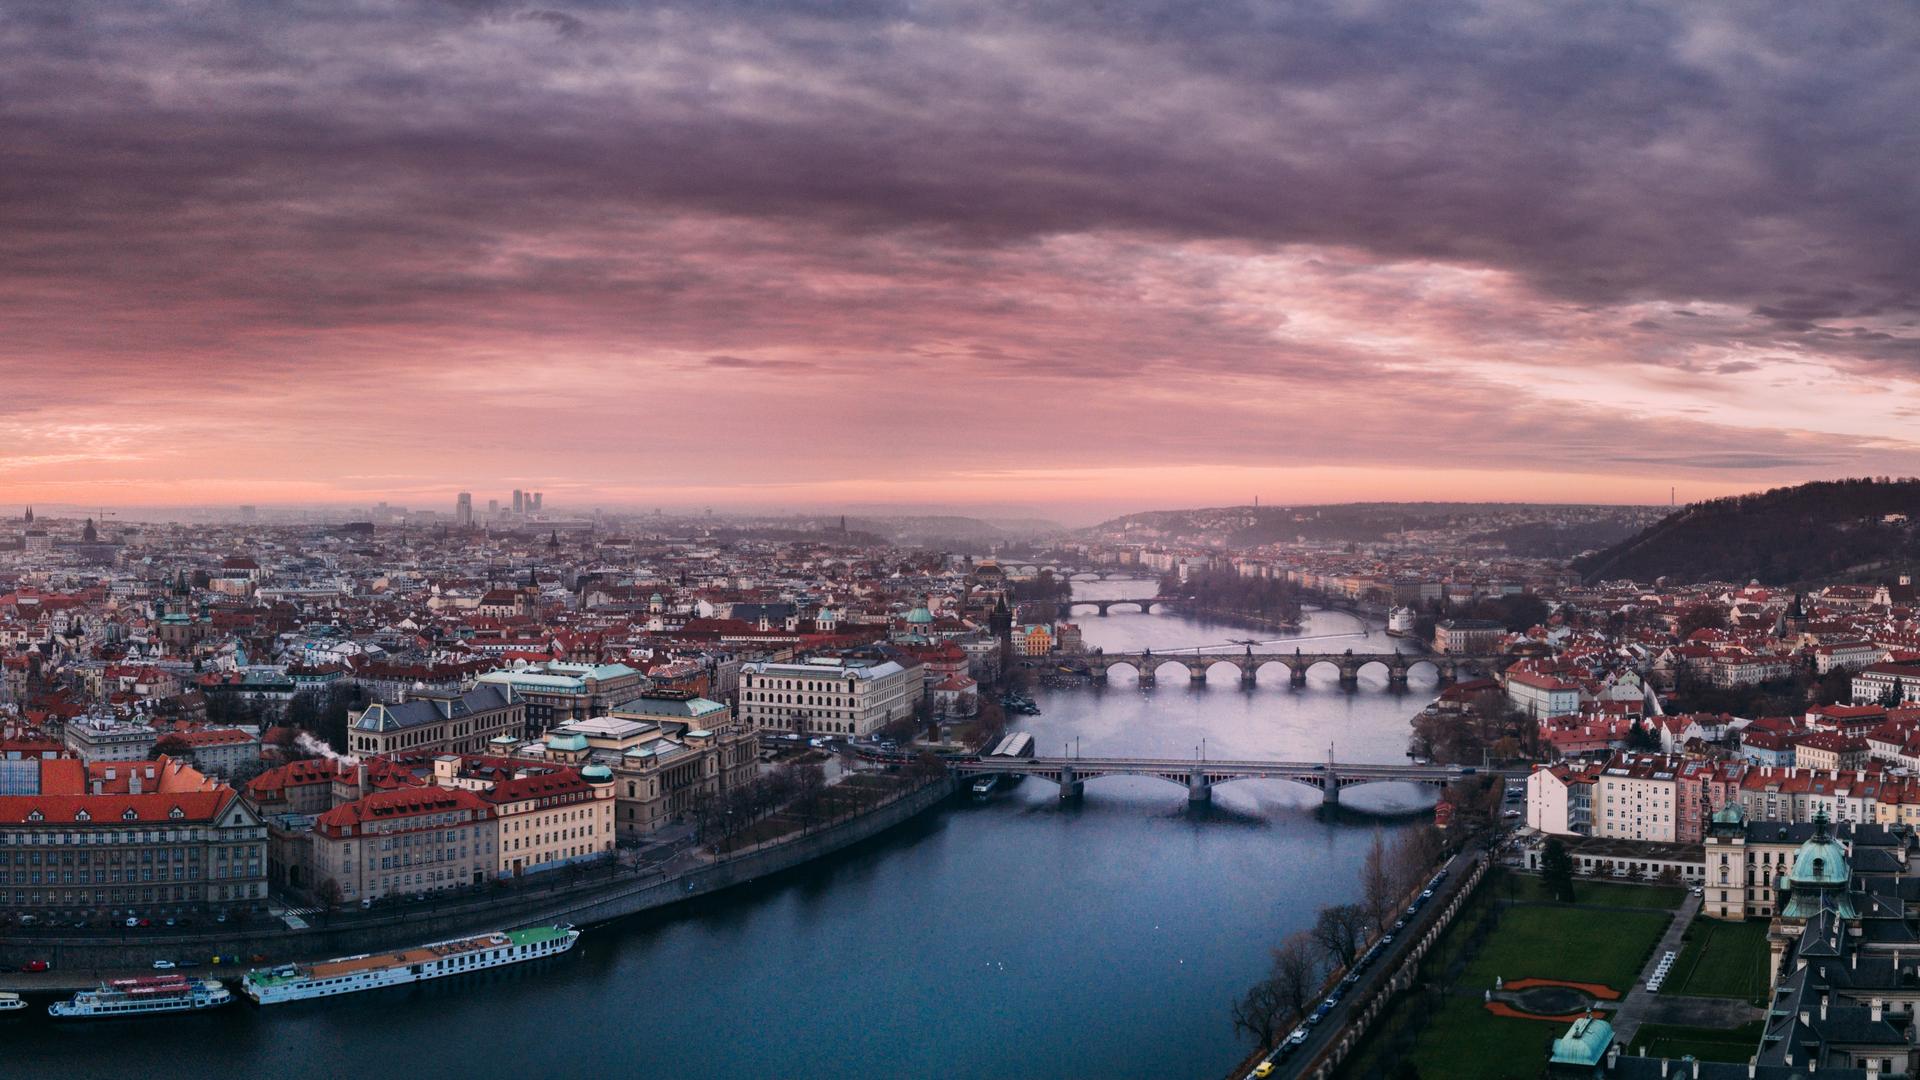 A view in Czech Republic